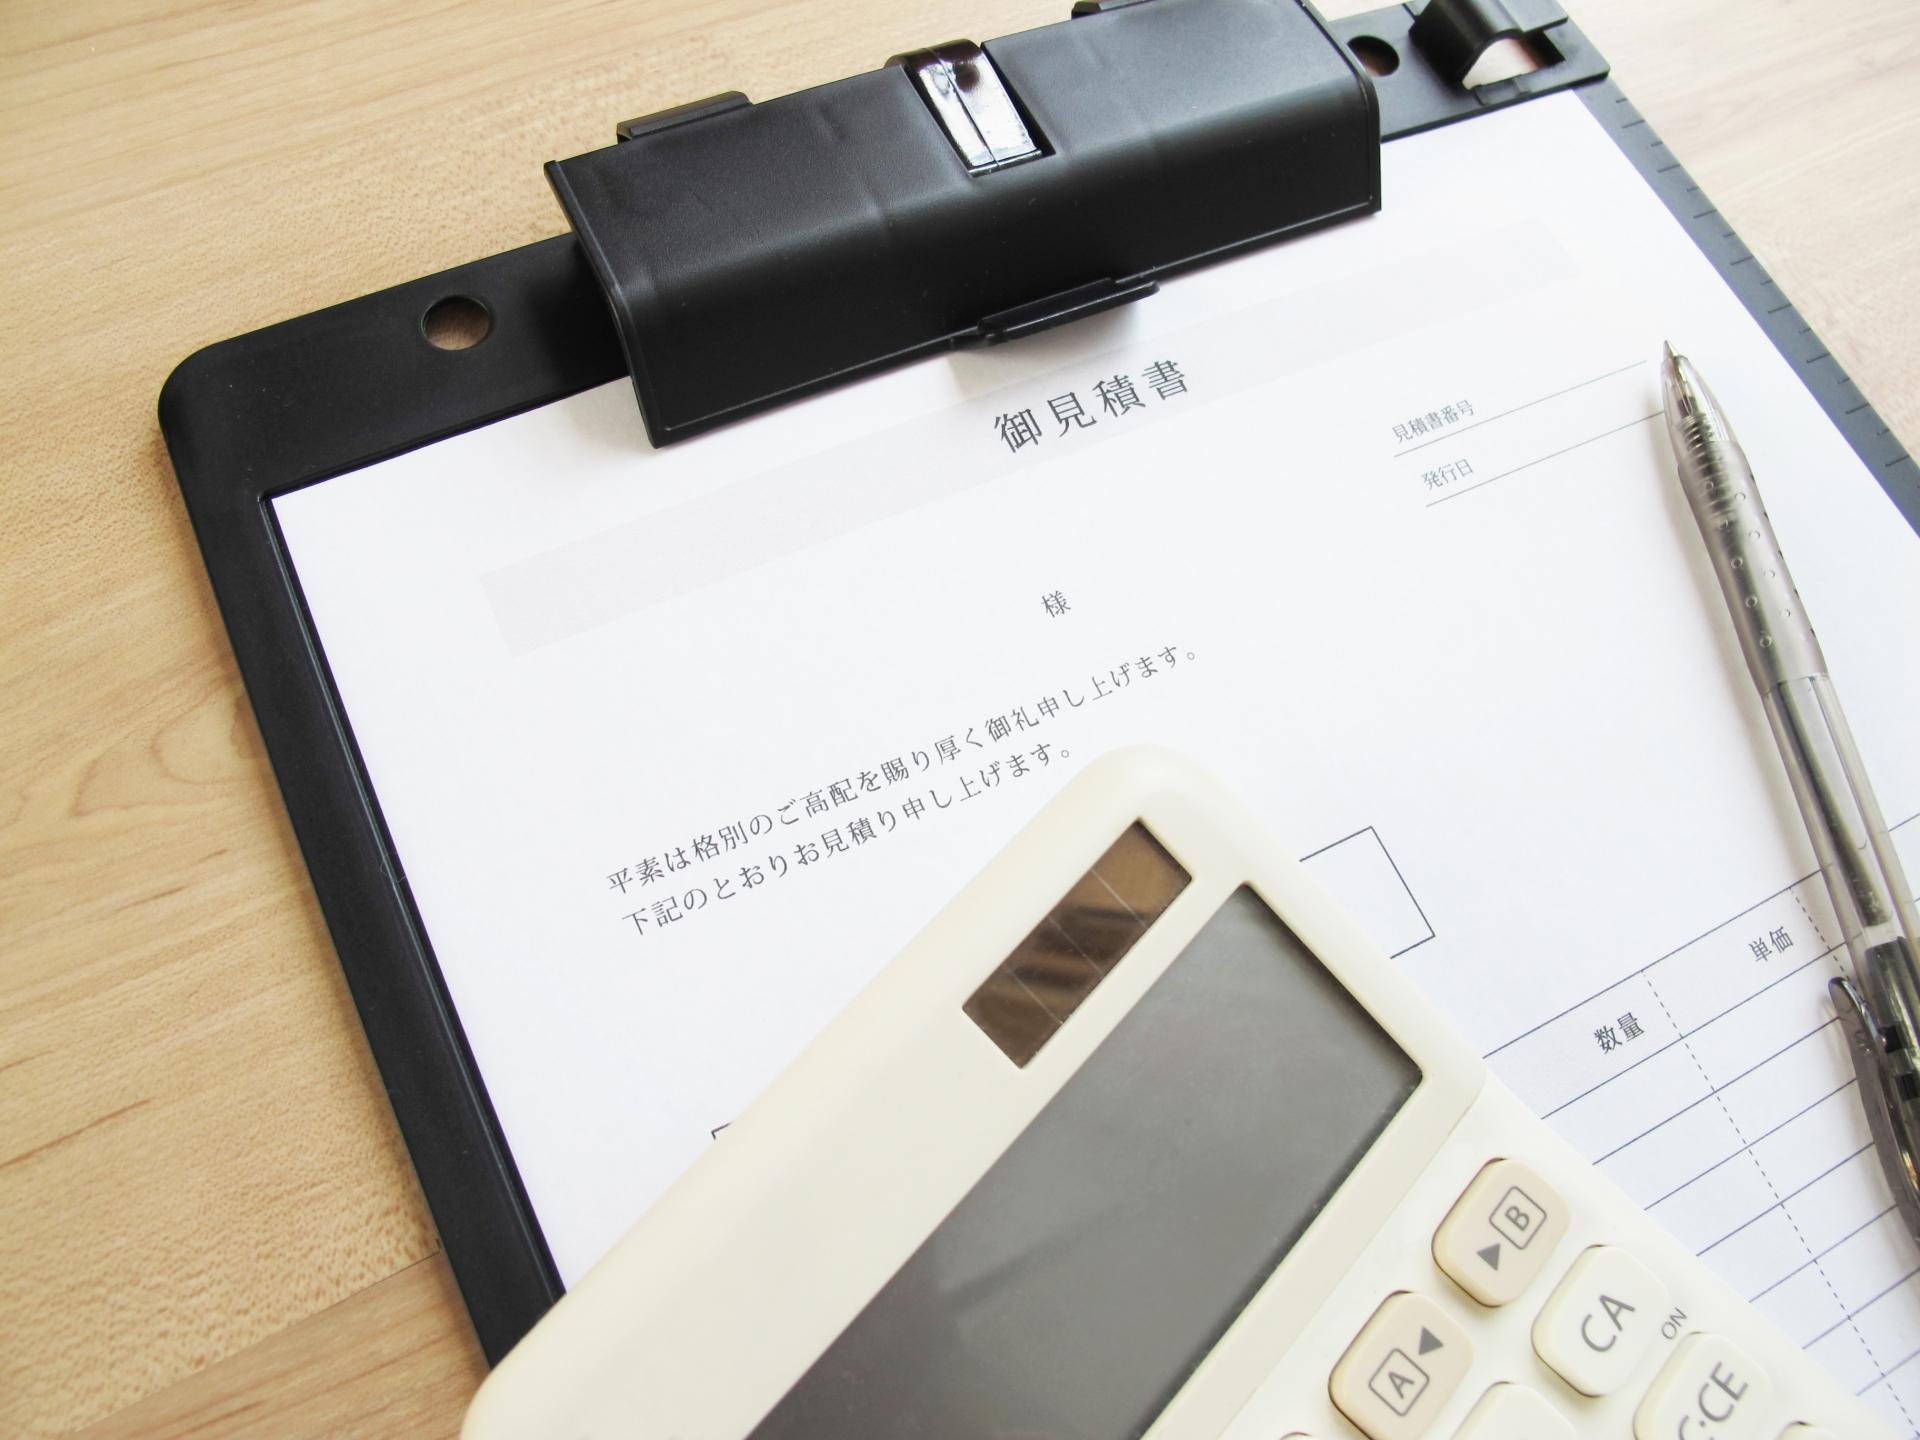 【暴露】リサイクルショップの買取はタダ同然?査定基準~高く売る方法